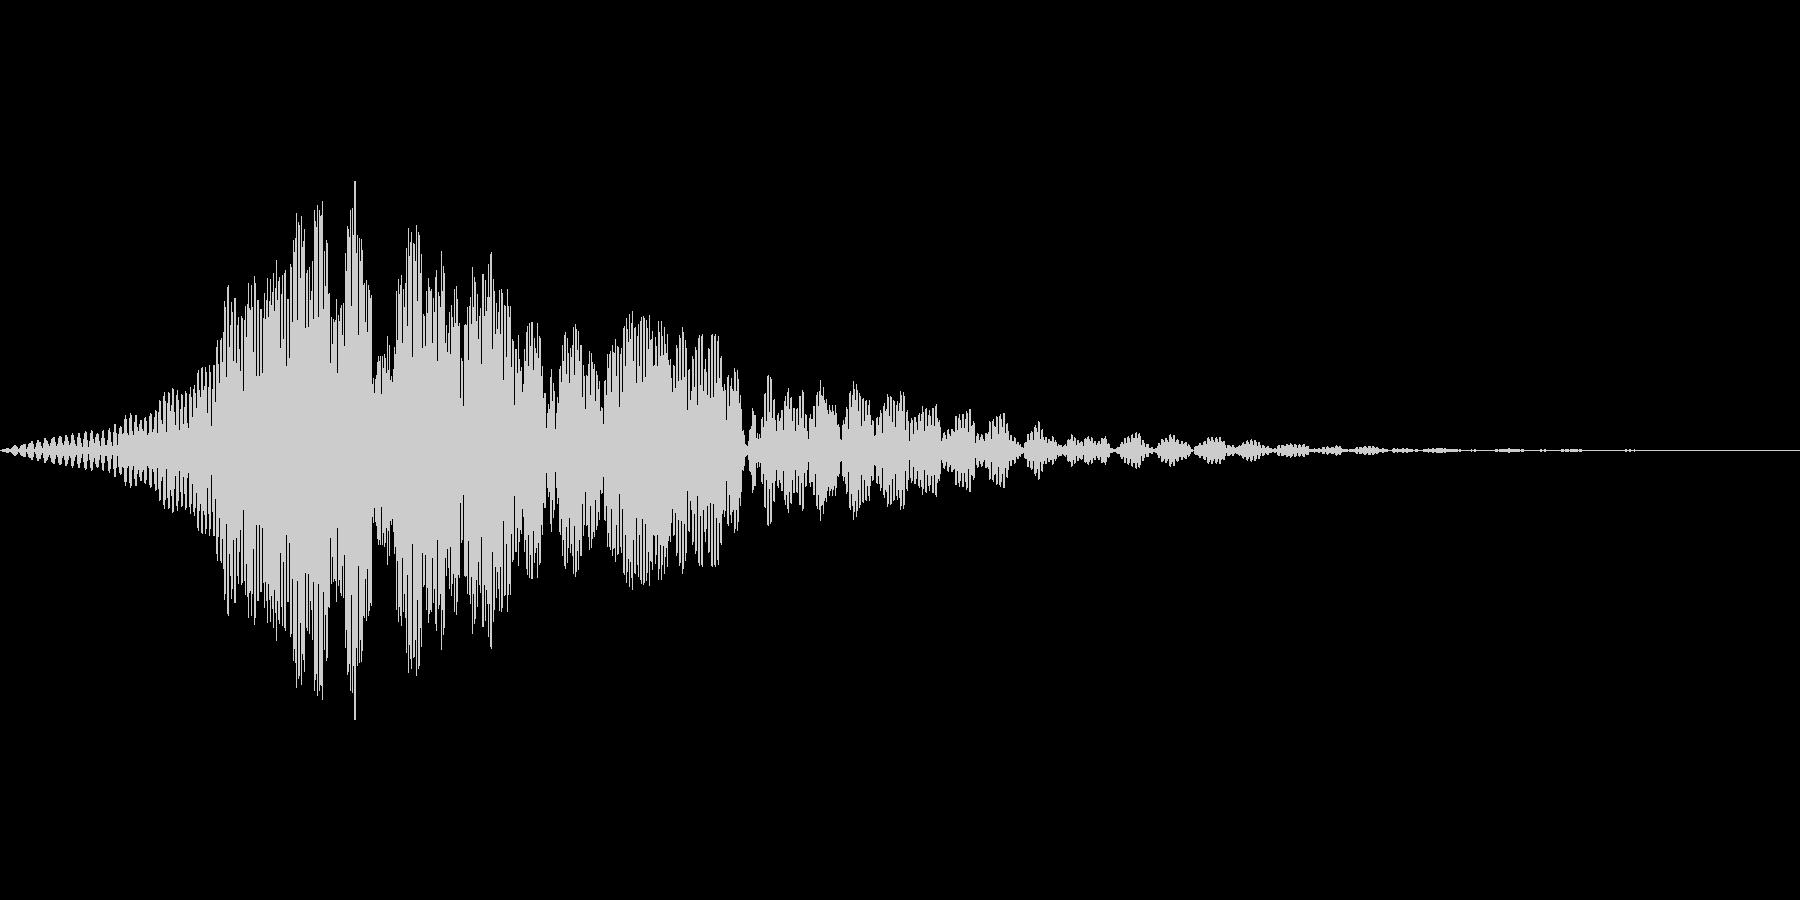 ゲーム上のウィンドウ等でキャンセル時の音の未再生の波形